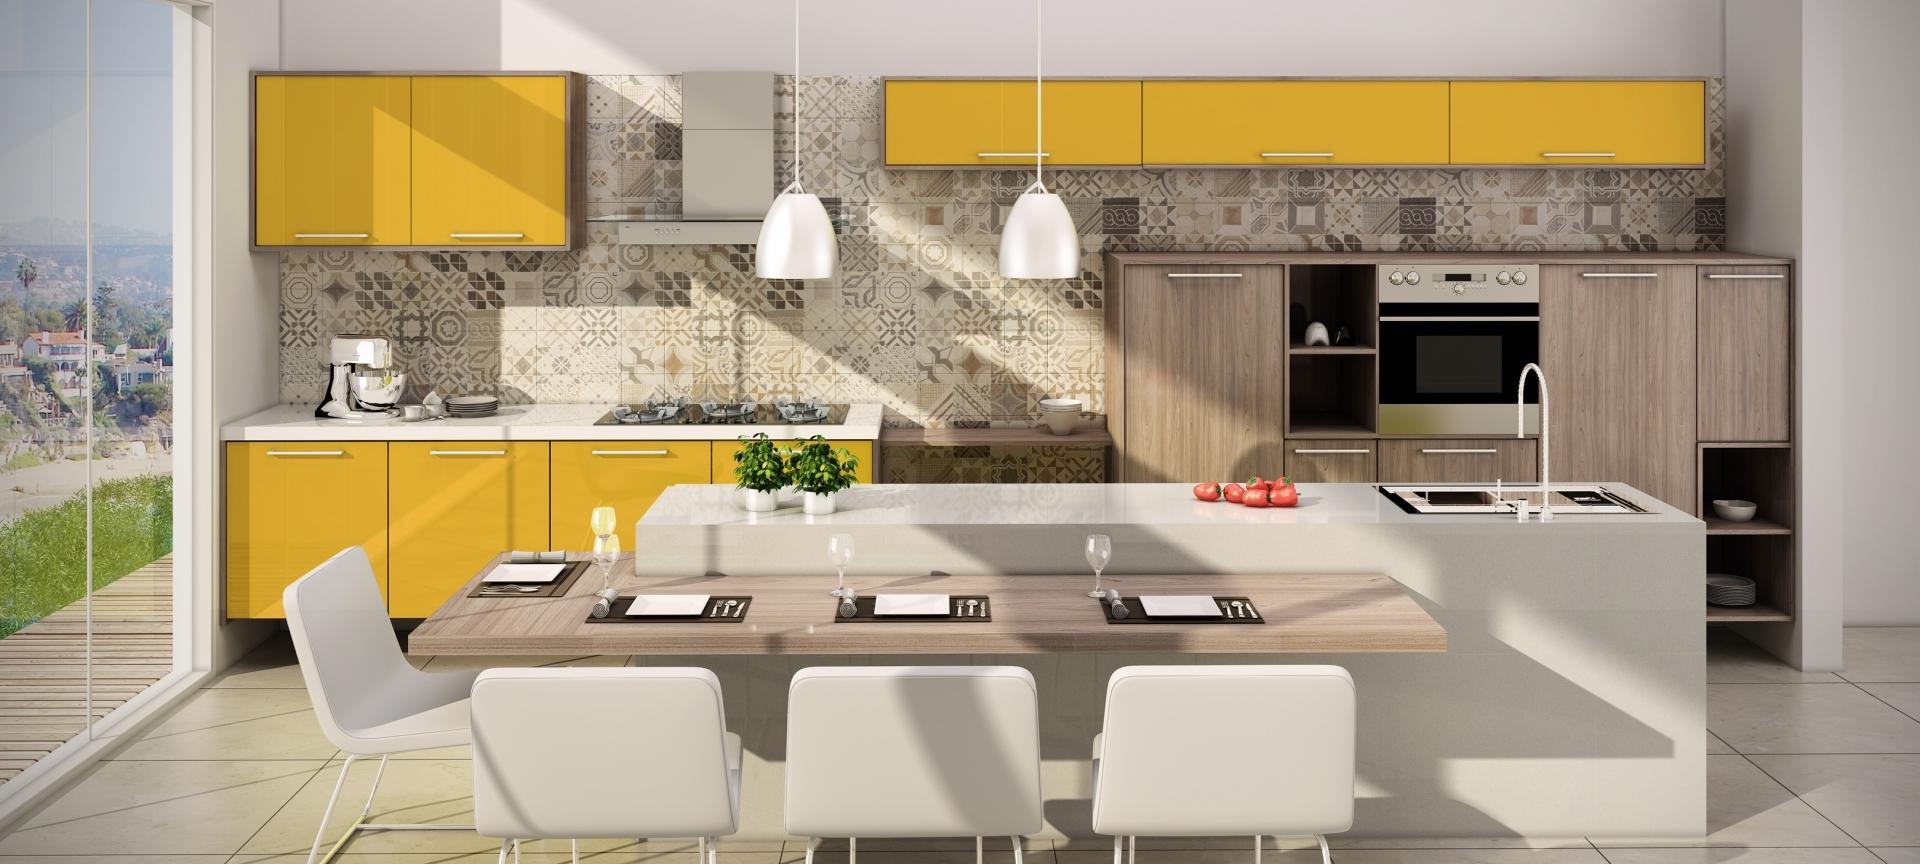 Móvel Modulado no Centro - Móveis Modulados para Cozinha